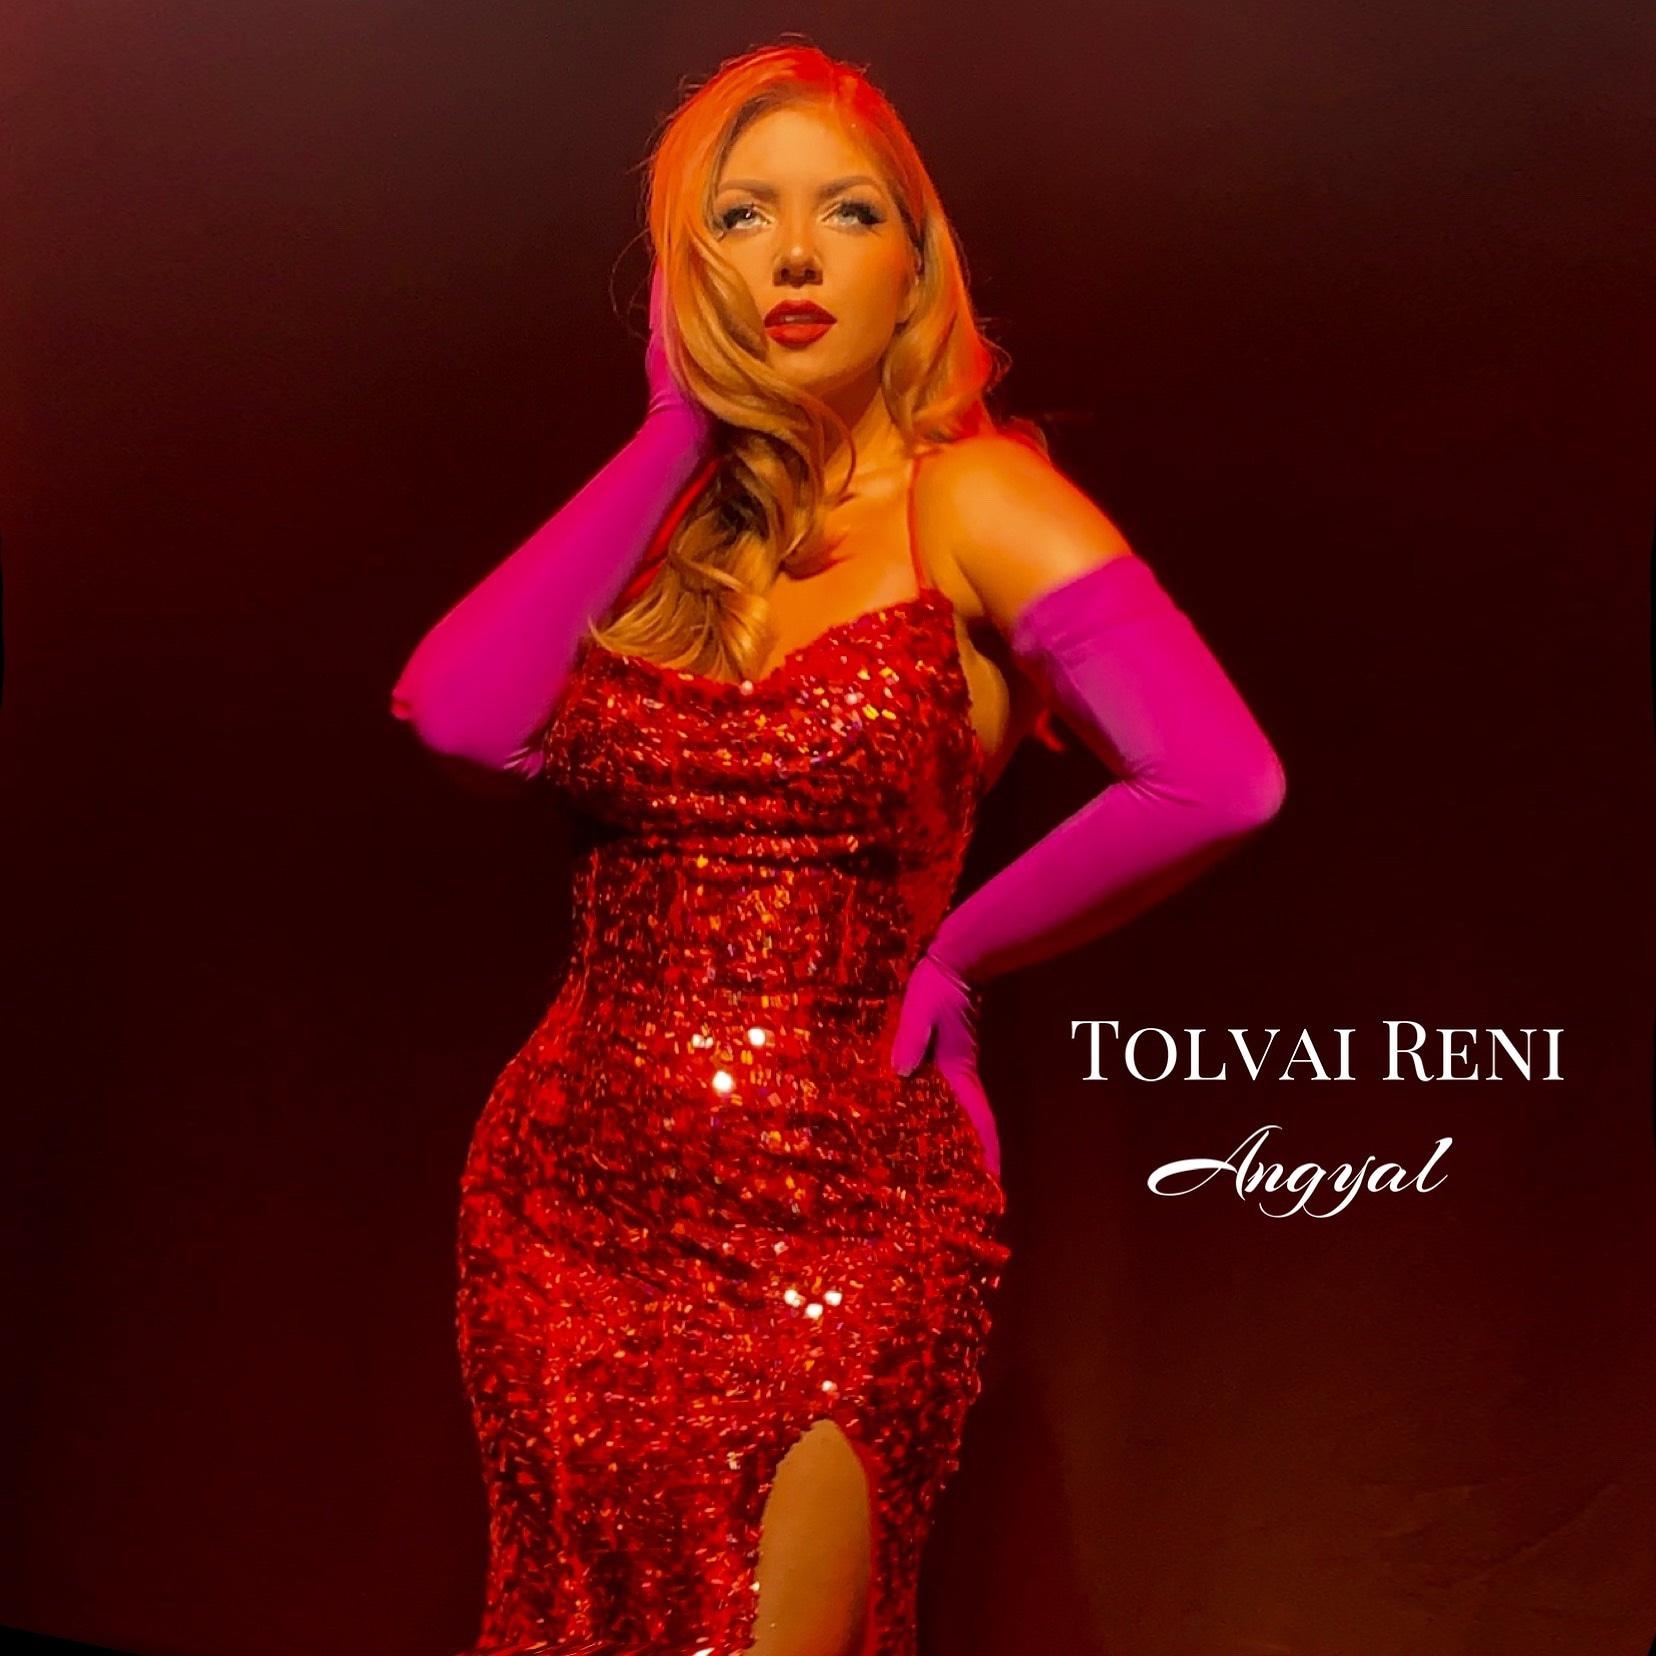 Sosem gondolnád, mi volt Tolvai Reni életének legcikibb